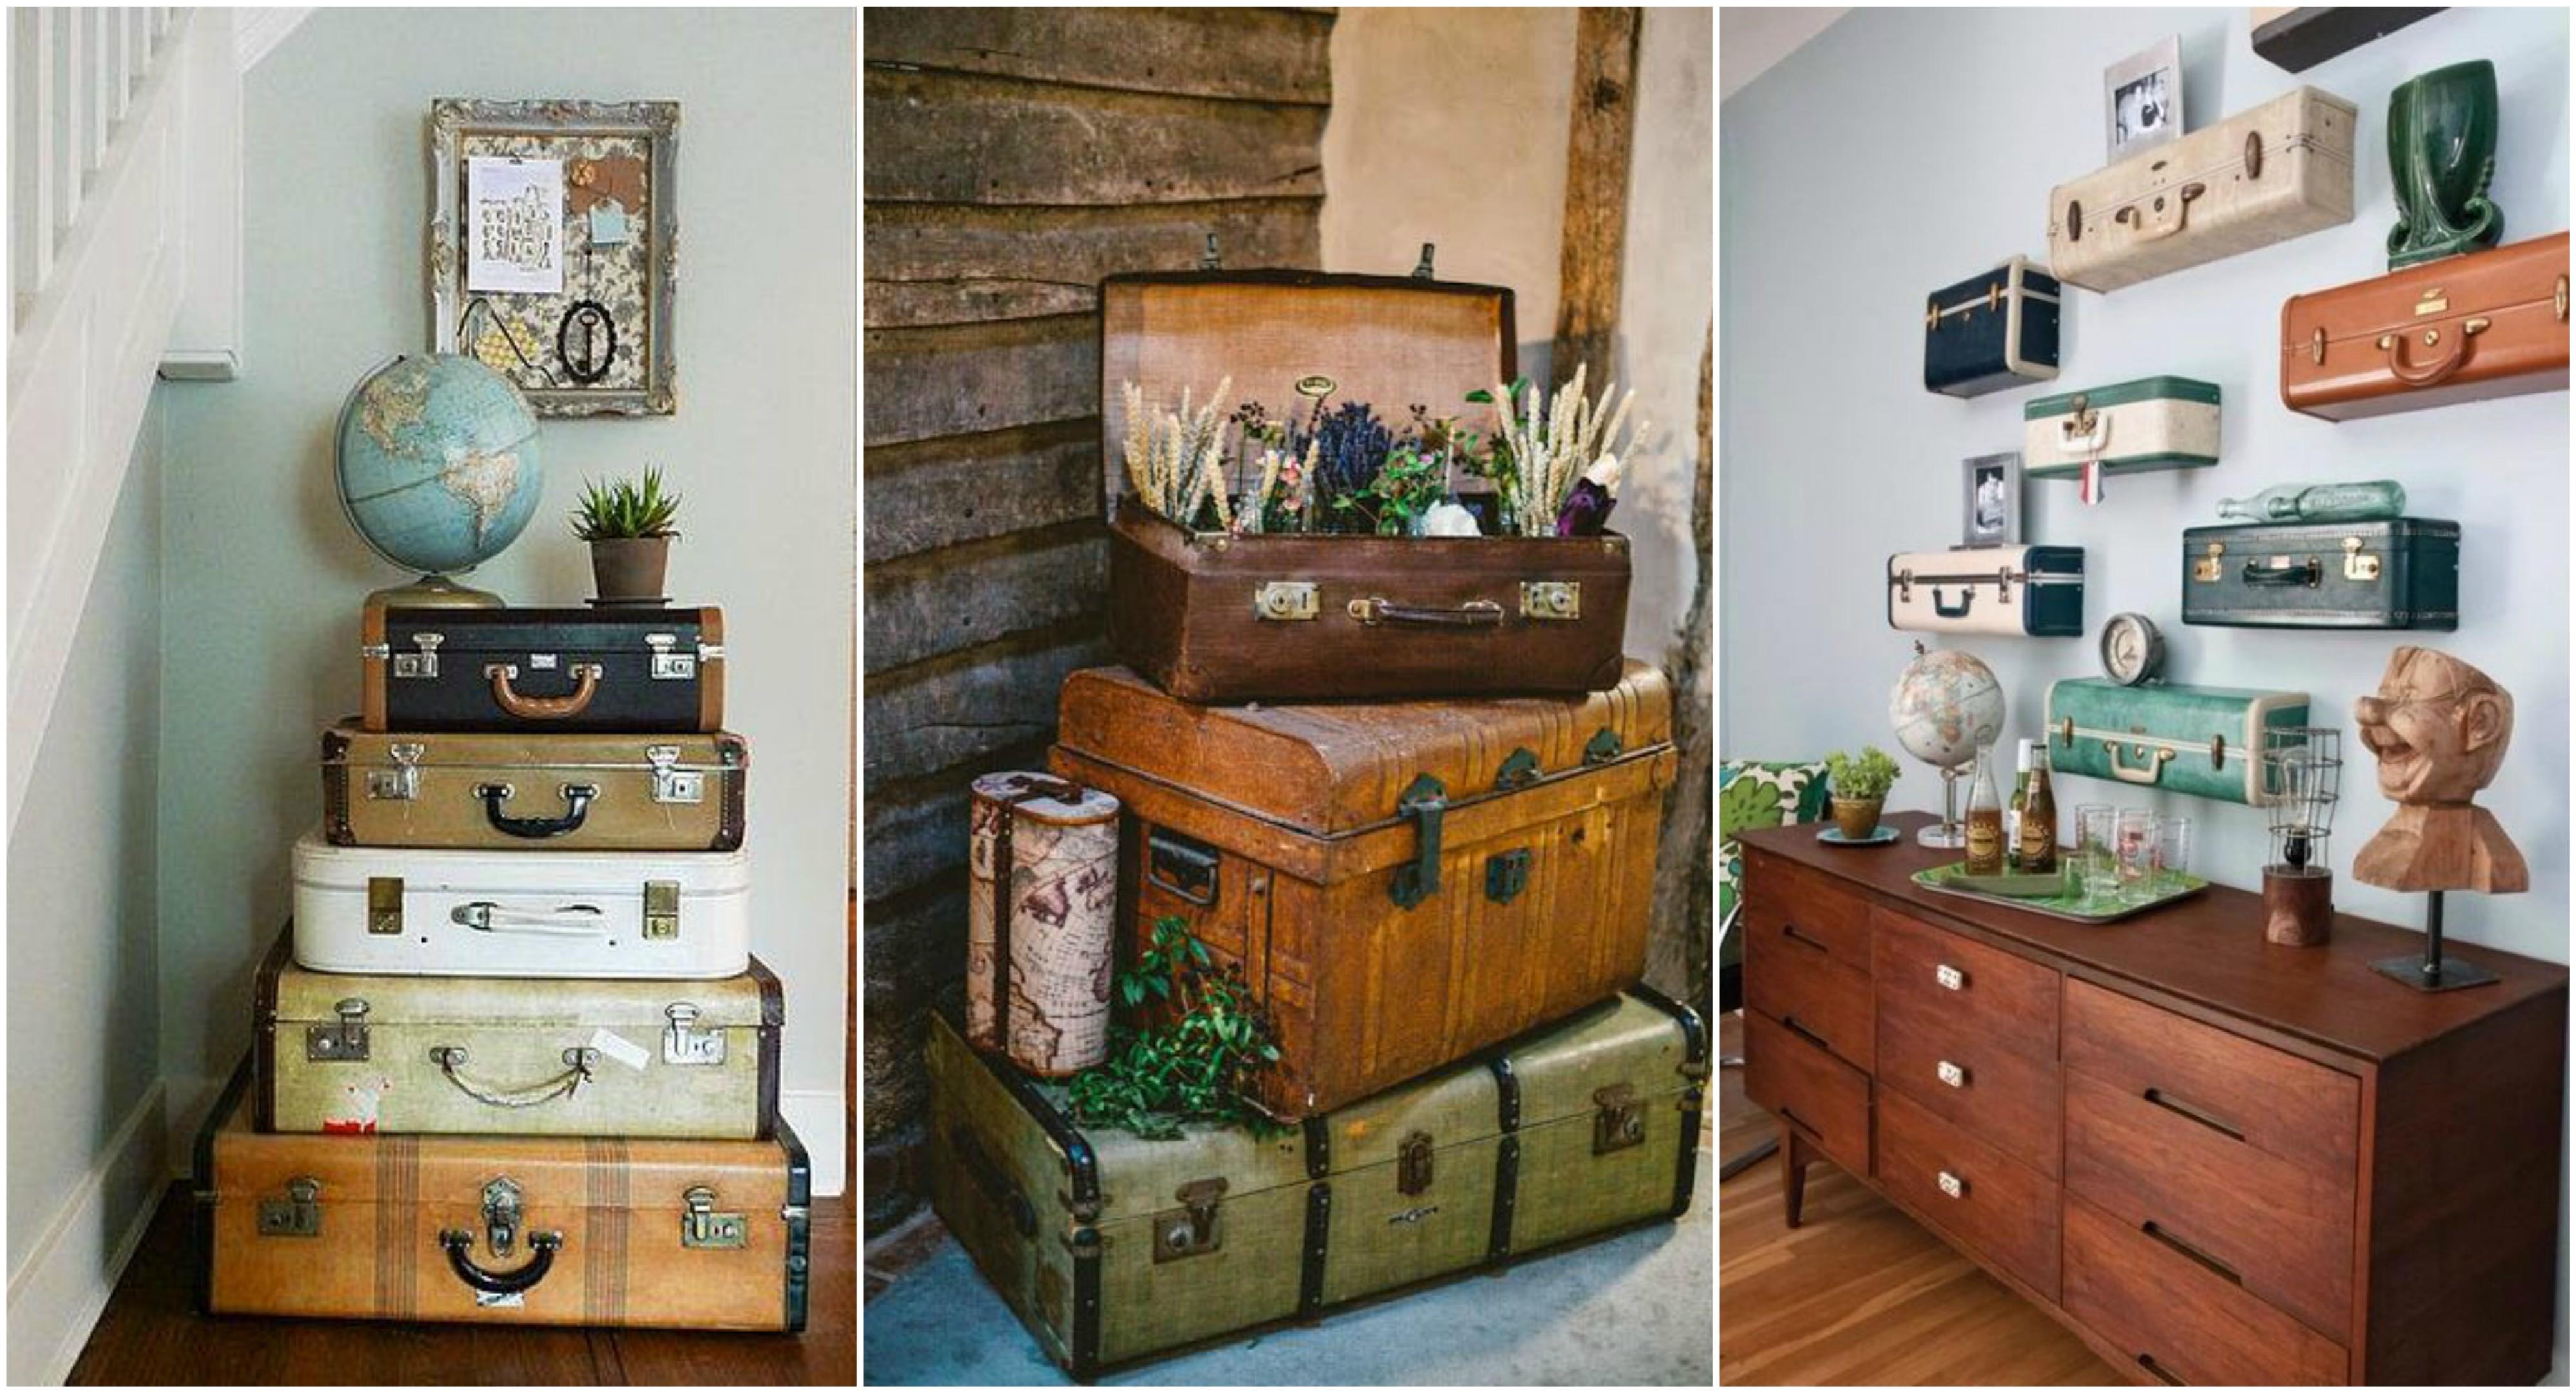 Alte koffer tolle wohndeko ideen - Alte koffer dekorieren ...